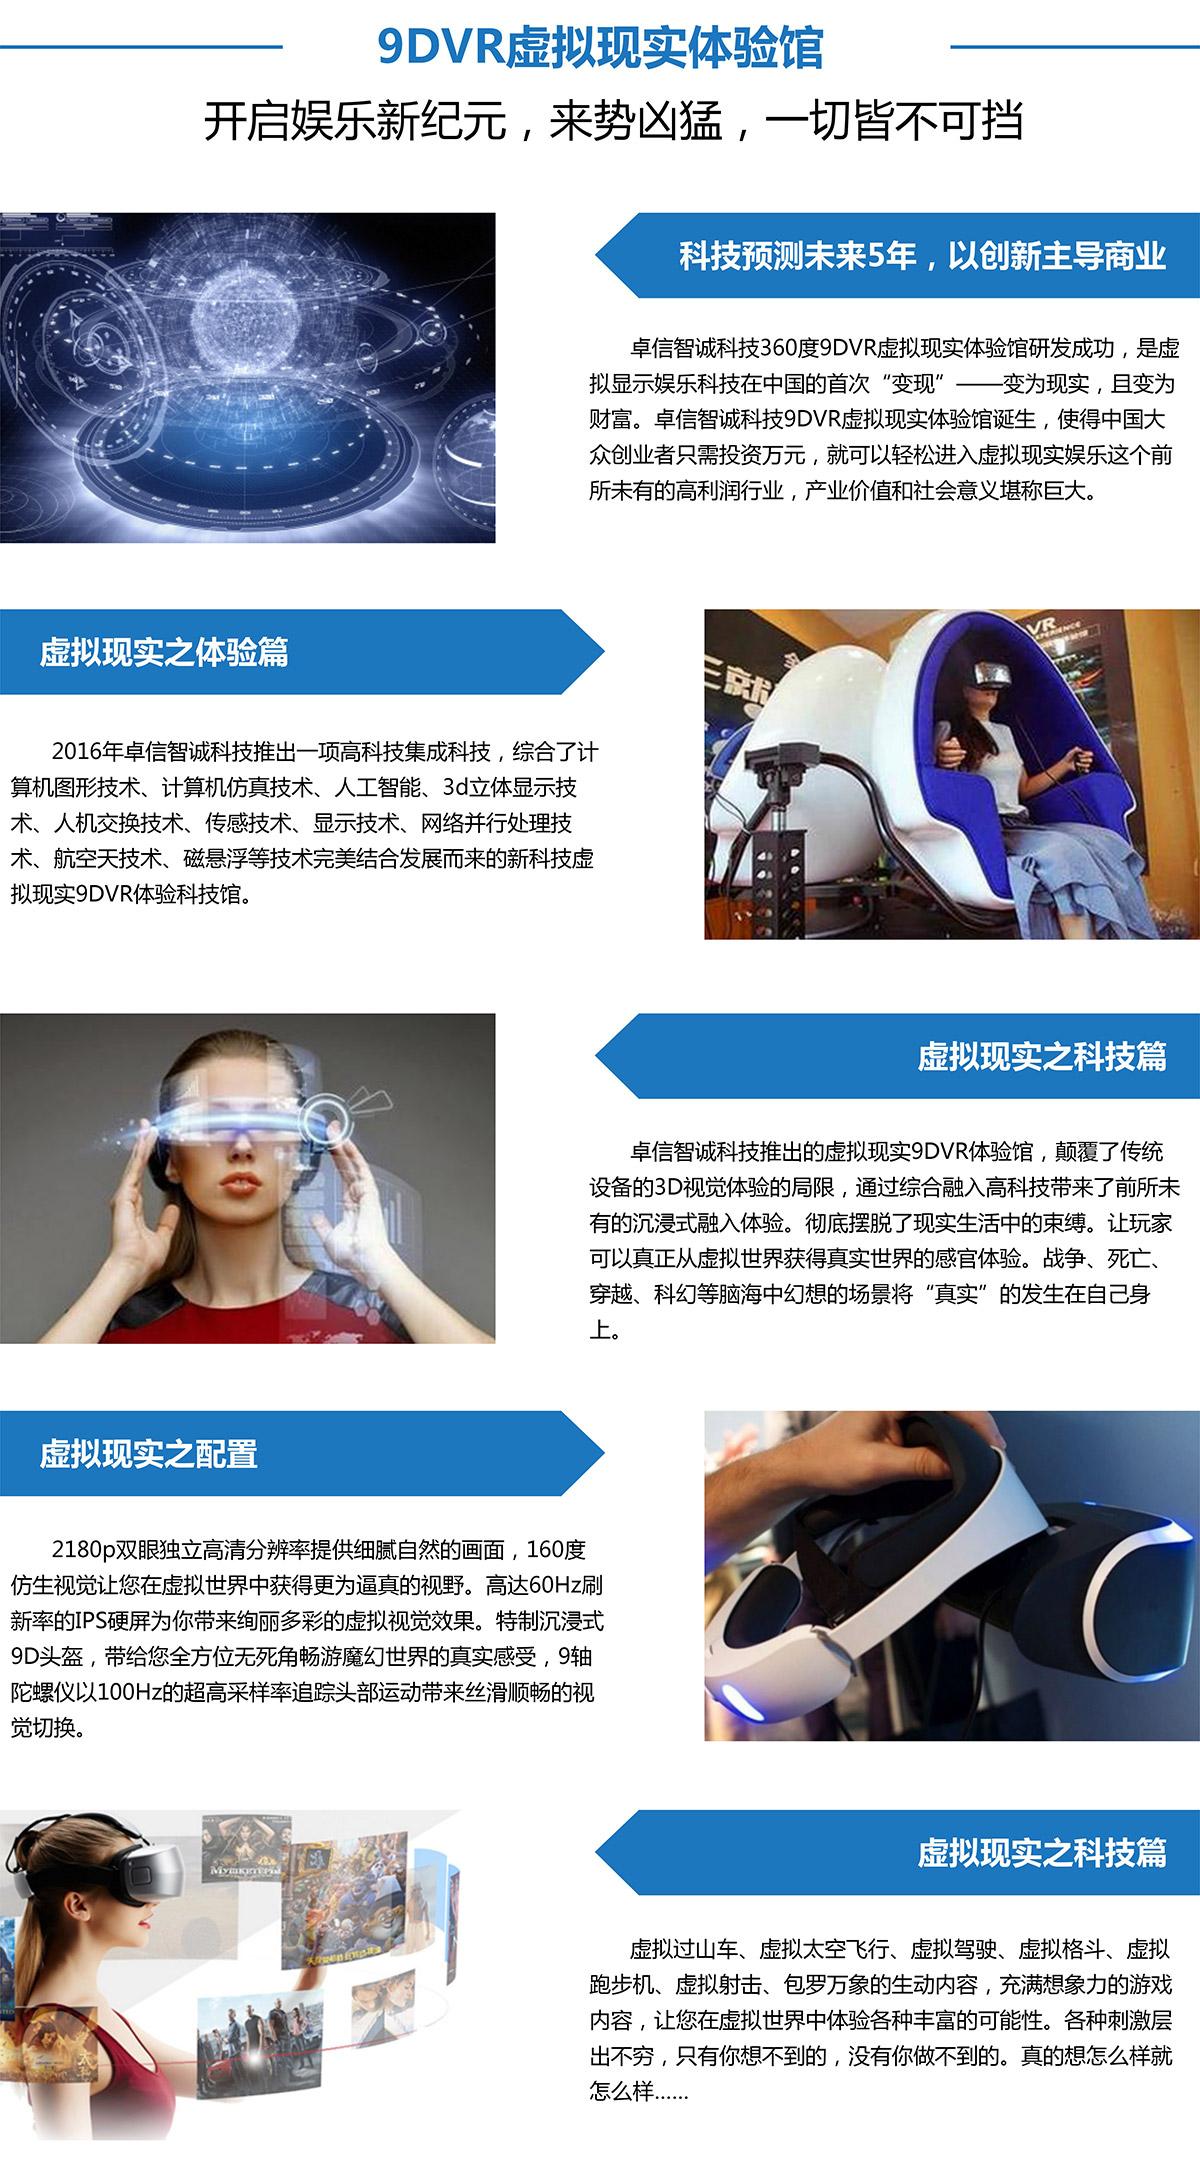 安全体验9DVR虚拟现实体验馆全球首发.jpg